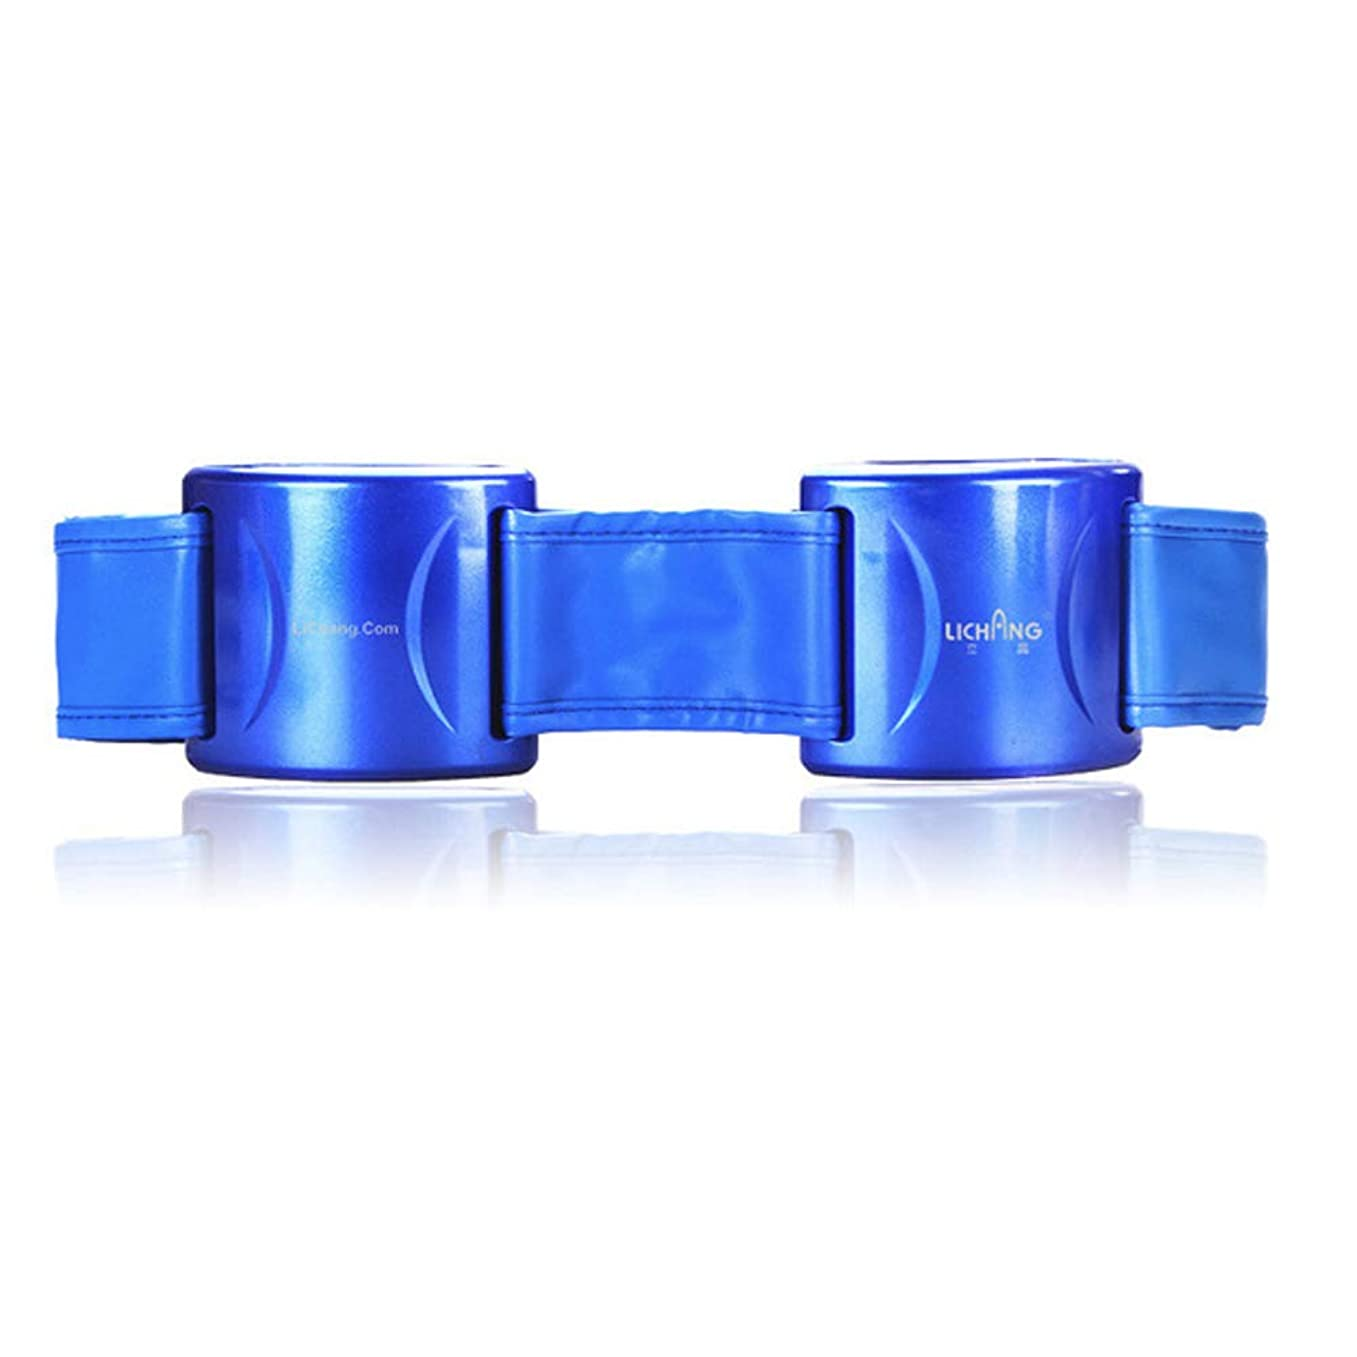 分析的過敏なアテンダント多機能マッサージ痩身ベルトウエストトレーナーストーブ痩身腹燃焼脂肪体マッサージ機、男性と女性の痛みを軽減する腹部ベルト,Blue